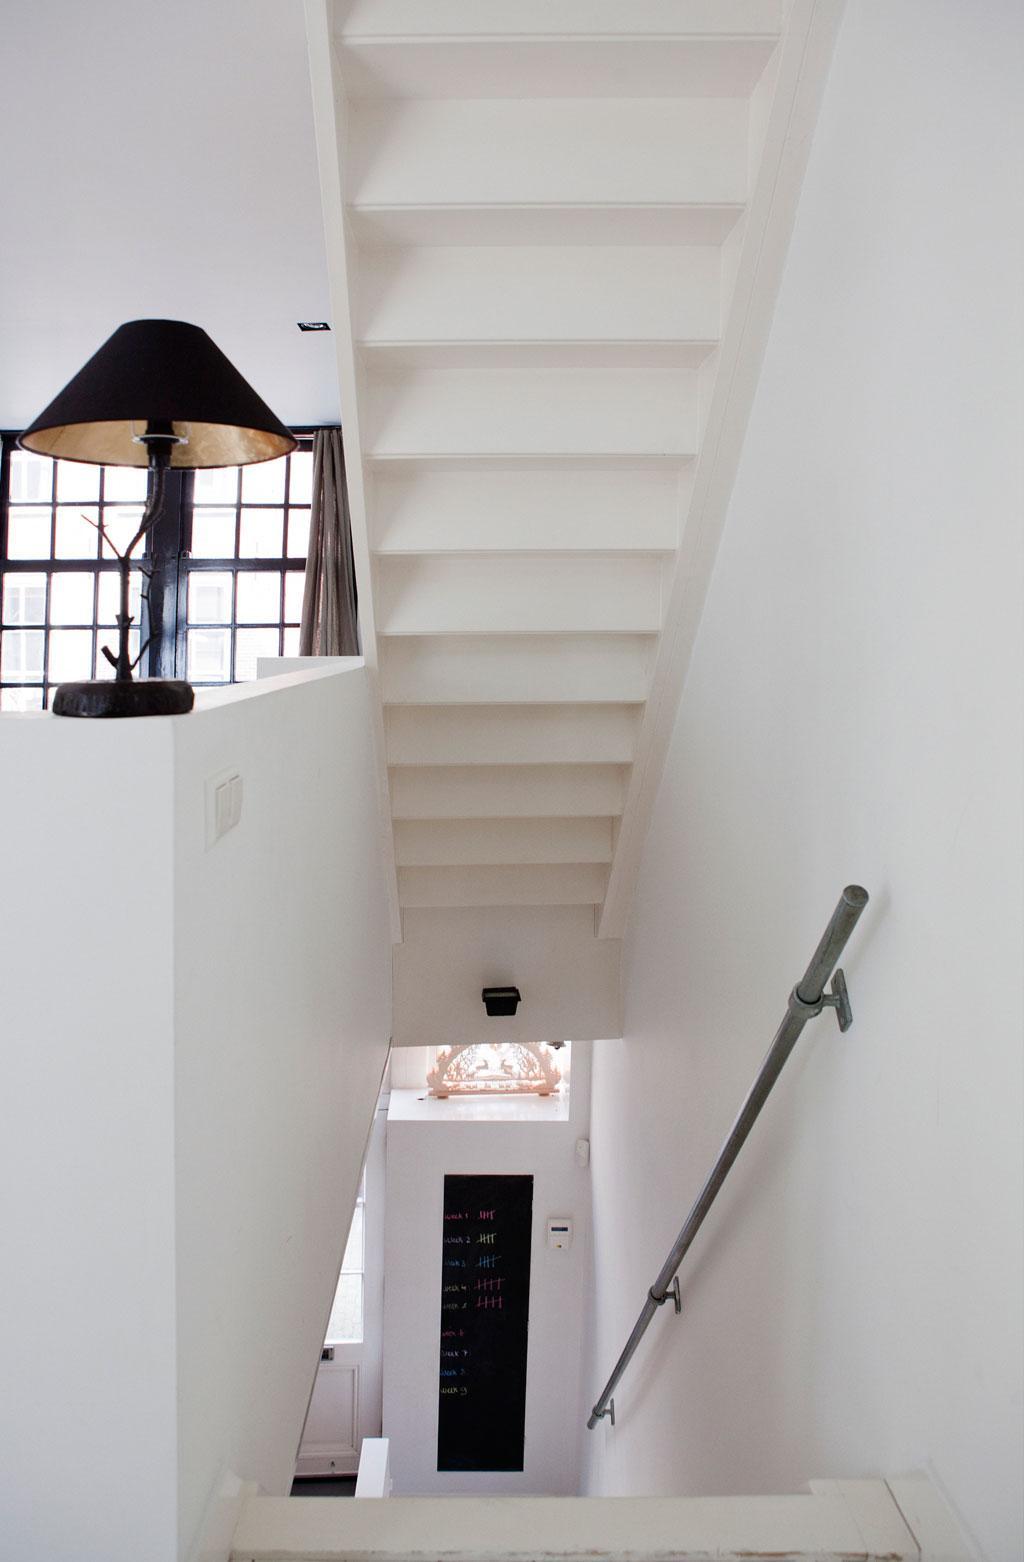 trappenhuis monument amsterdam